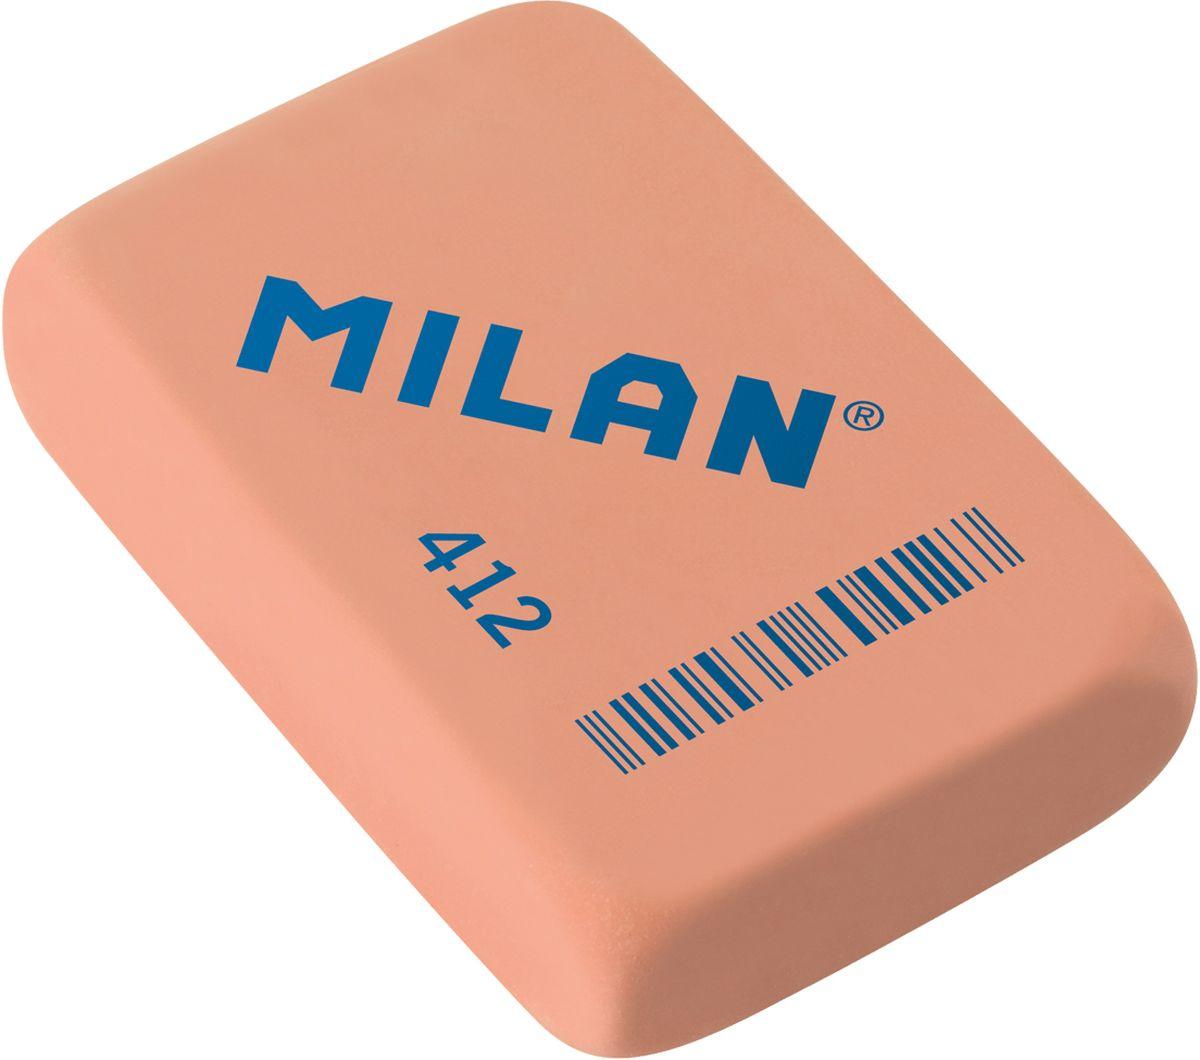 Milan Ластик 412 цвет светло-коралловыйCMM412_коралловыйЛастик Milan имеет мягкую структуру, и обладает высокой гибкостью, обеспечивая безупречное стирание.